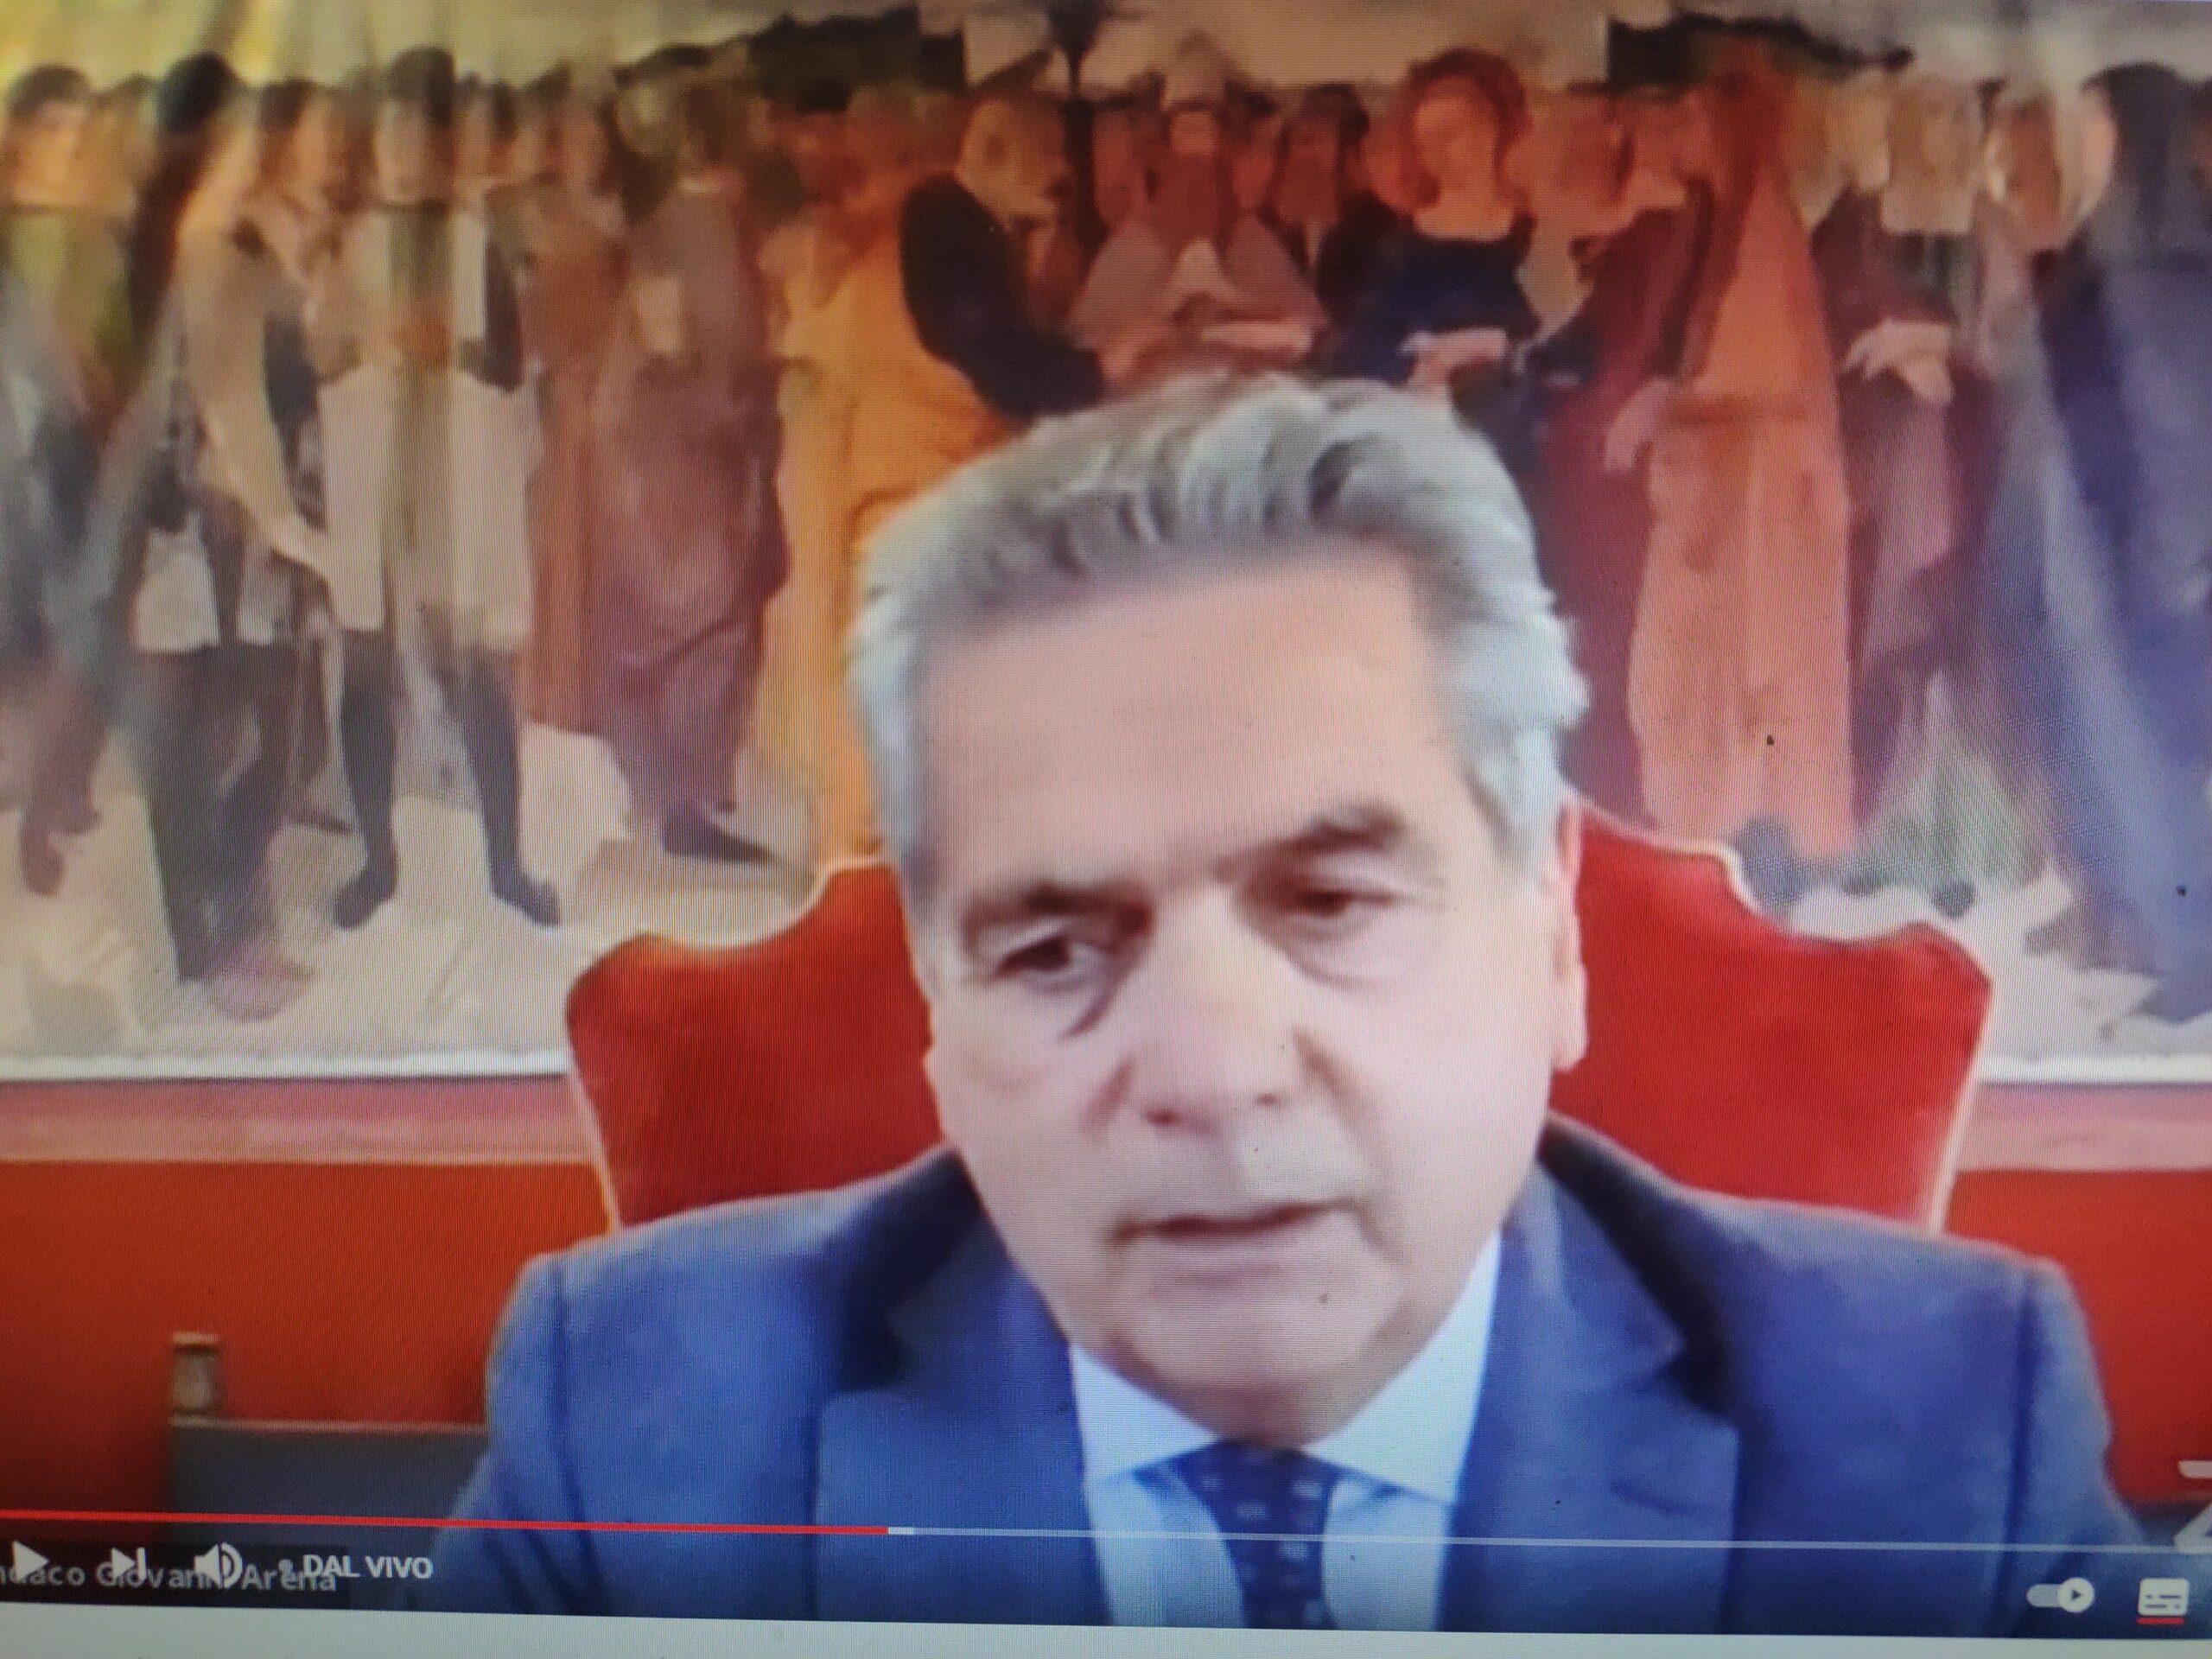 Viterbo, consiglio comunale: è qui che Giò Tenerone diventa il balbettante Joao Farfugliào